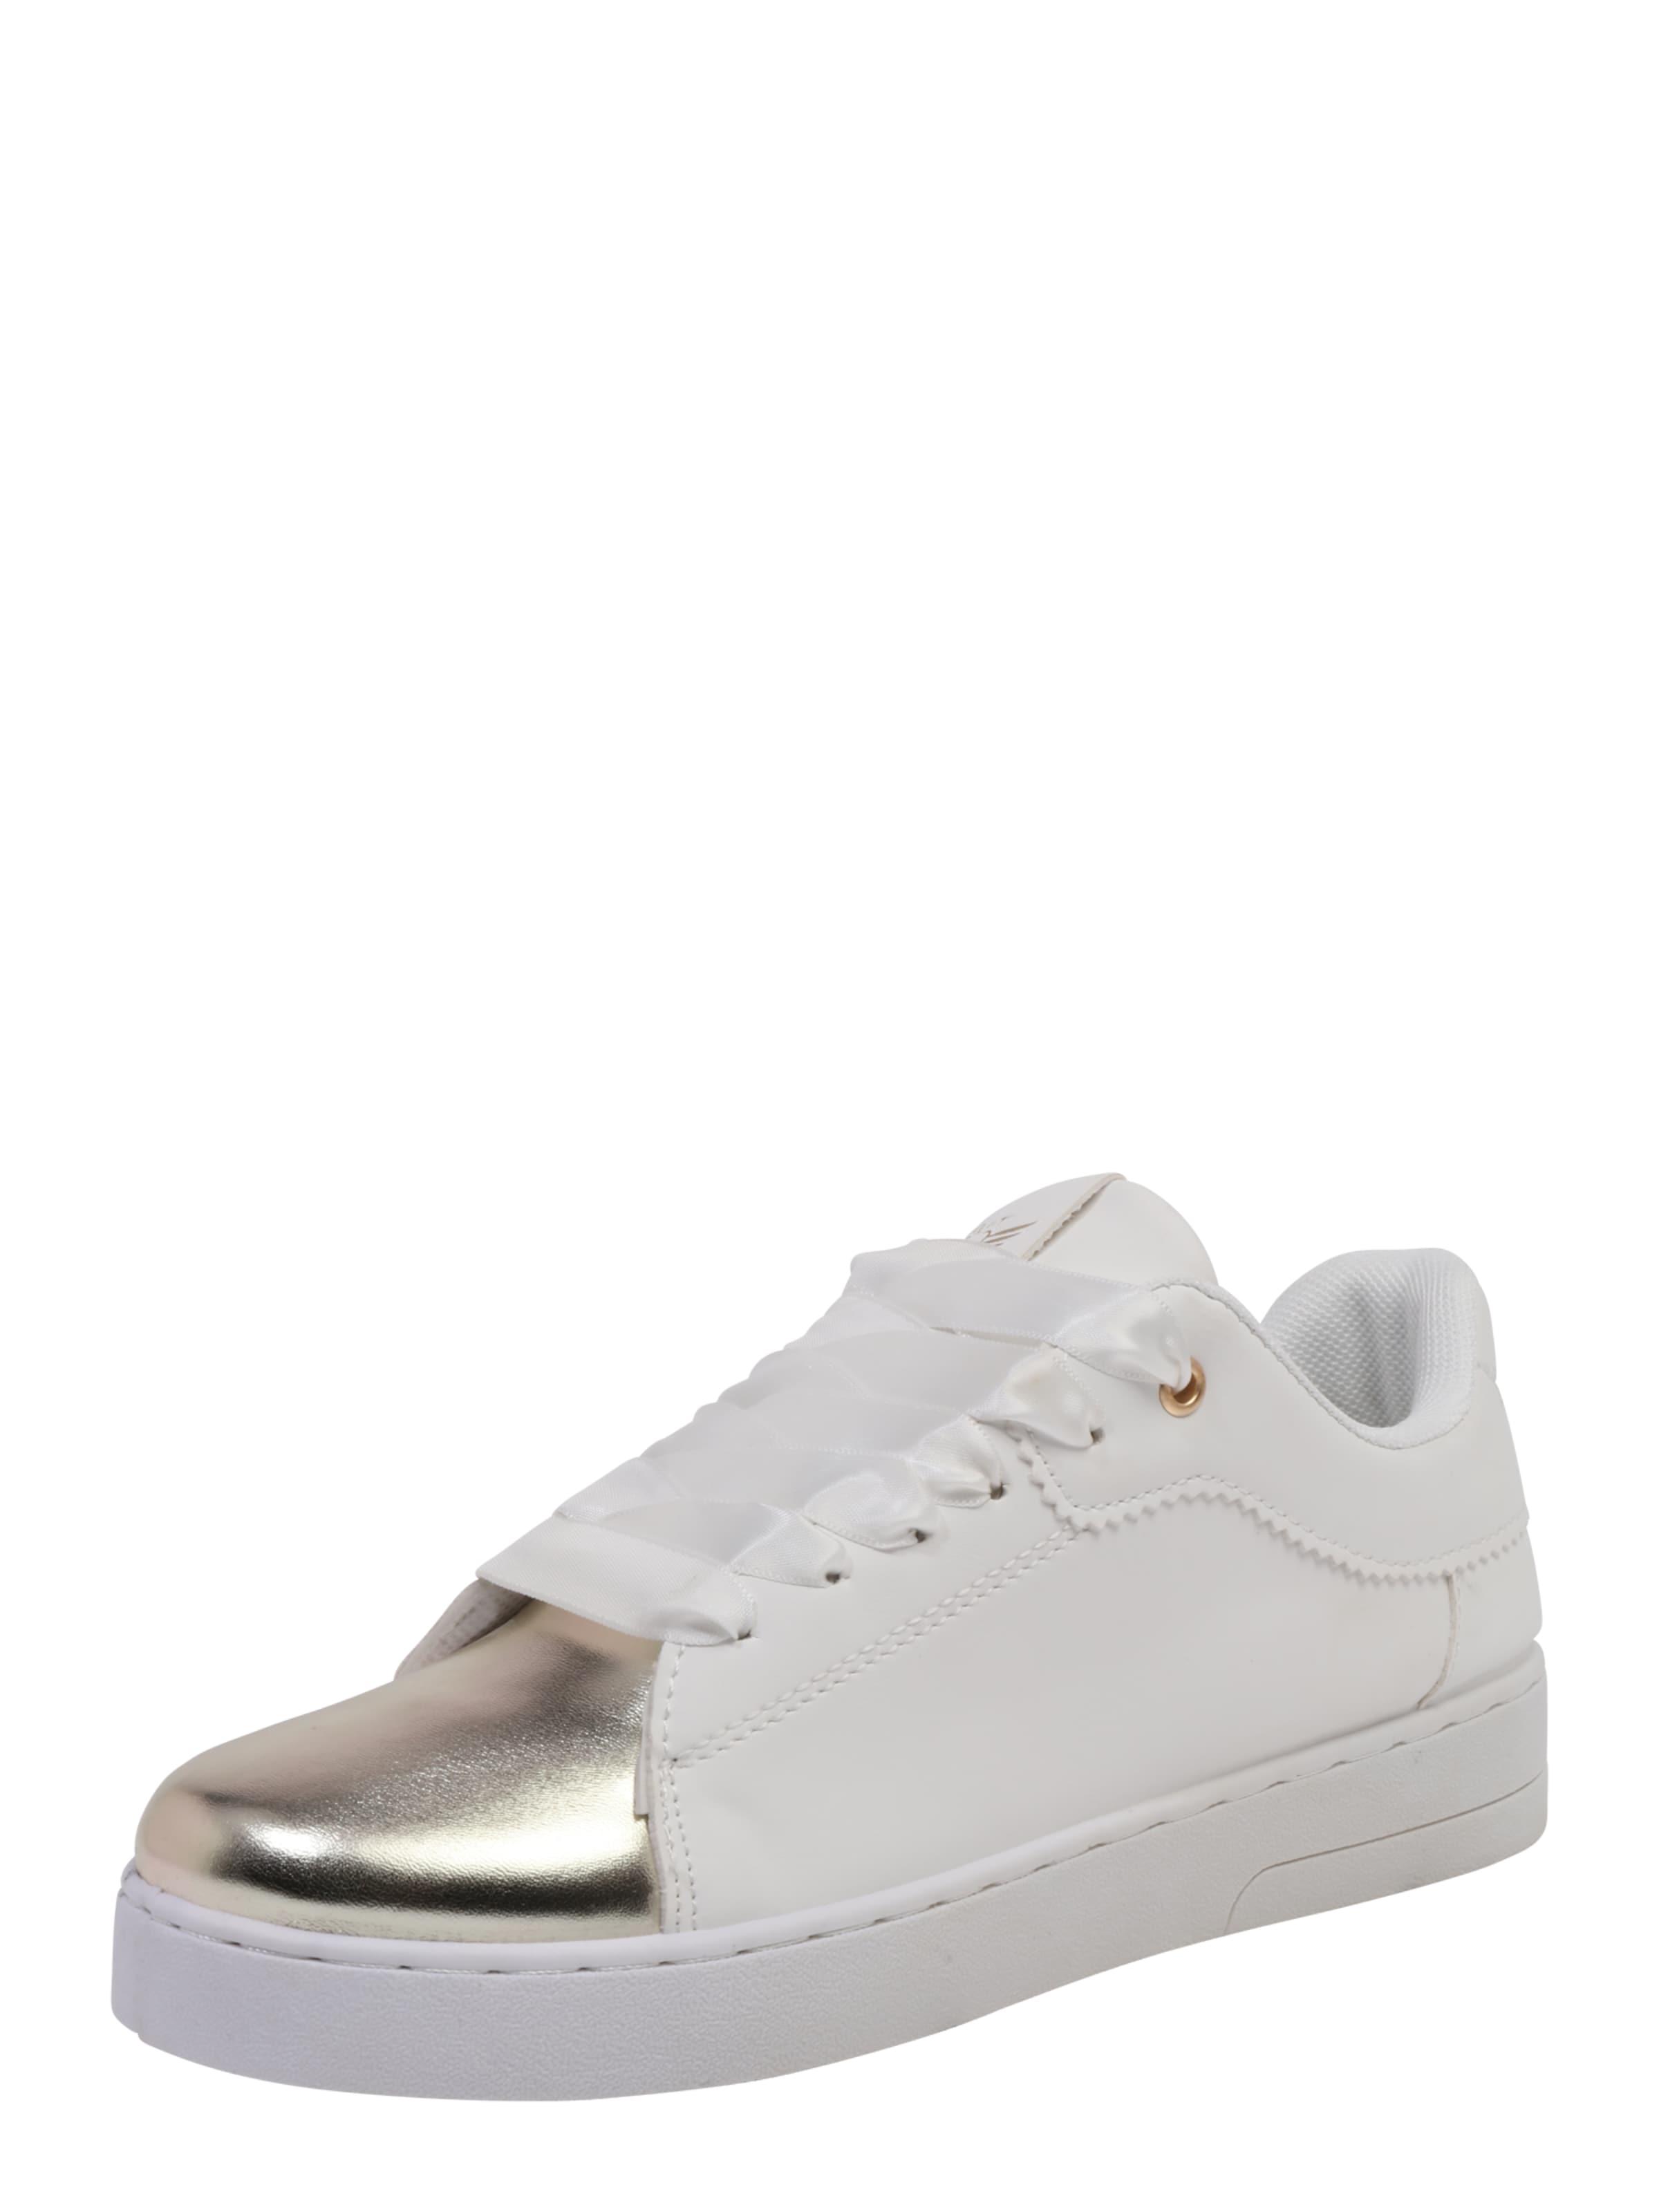 Fritzi aus Preußen Sneaker  Ola Metallic Cap